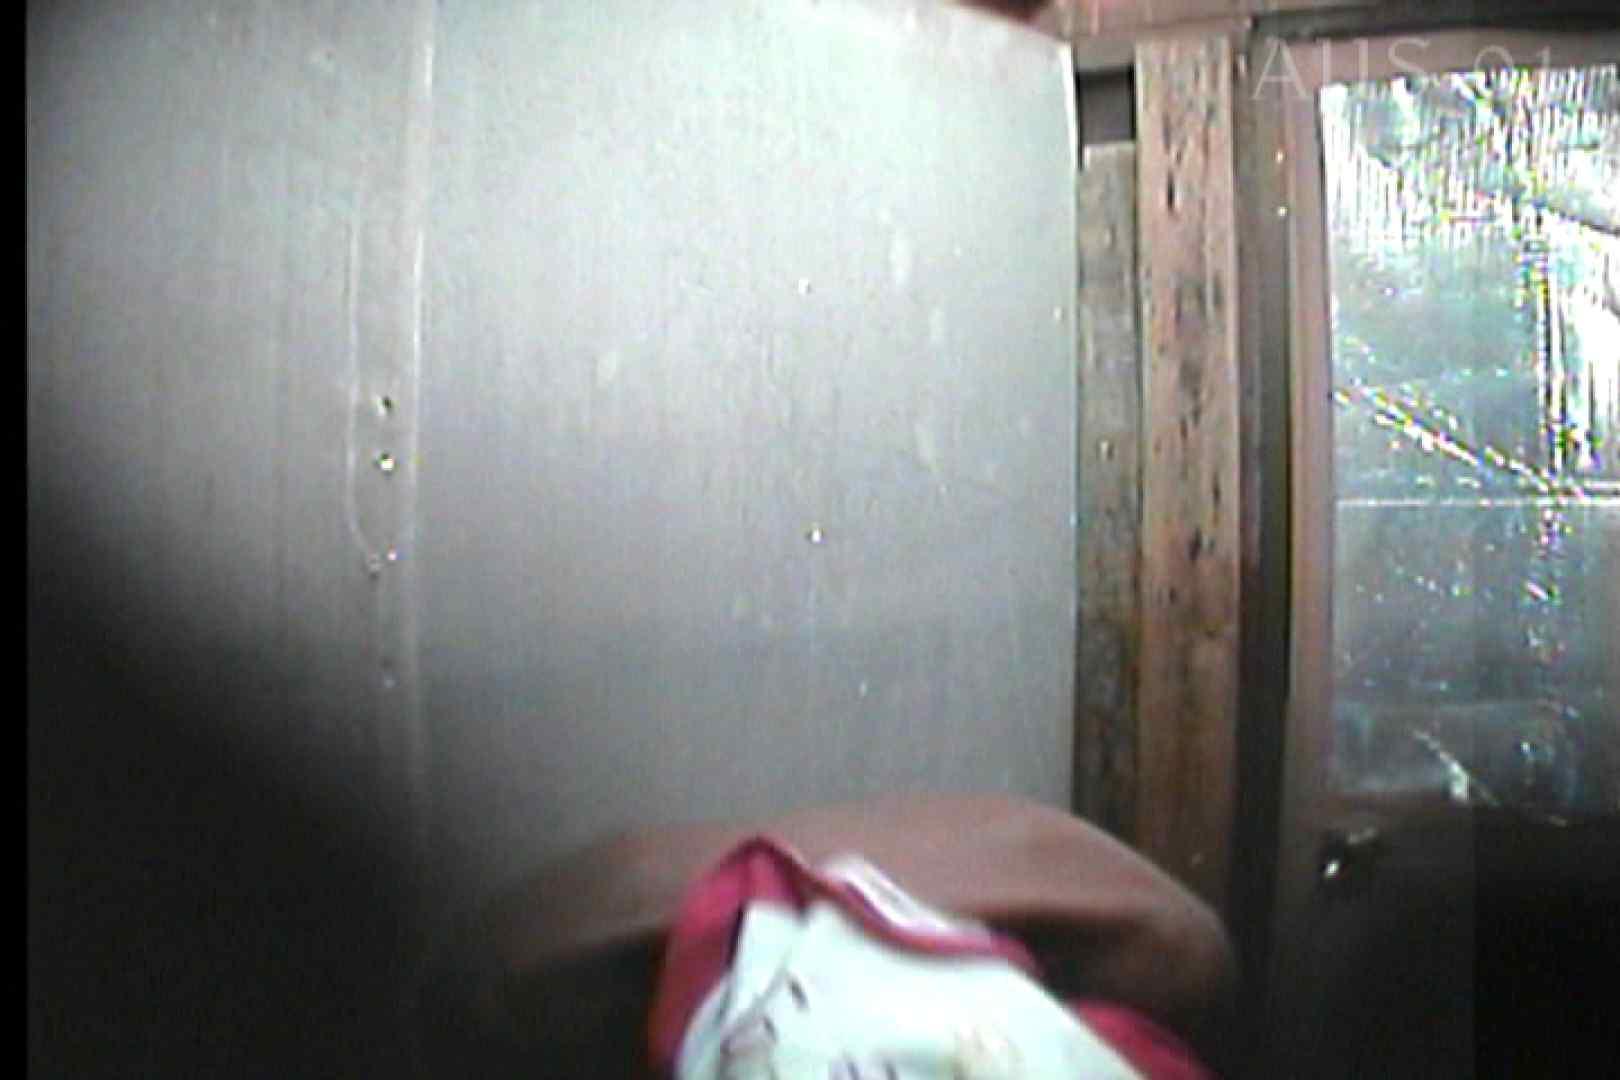 海の家の更衣室 Vol.05 美女  56pic 47